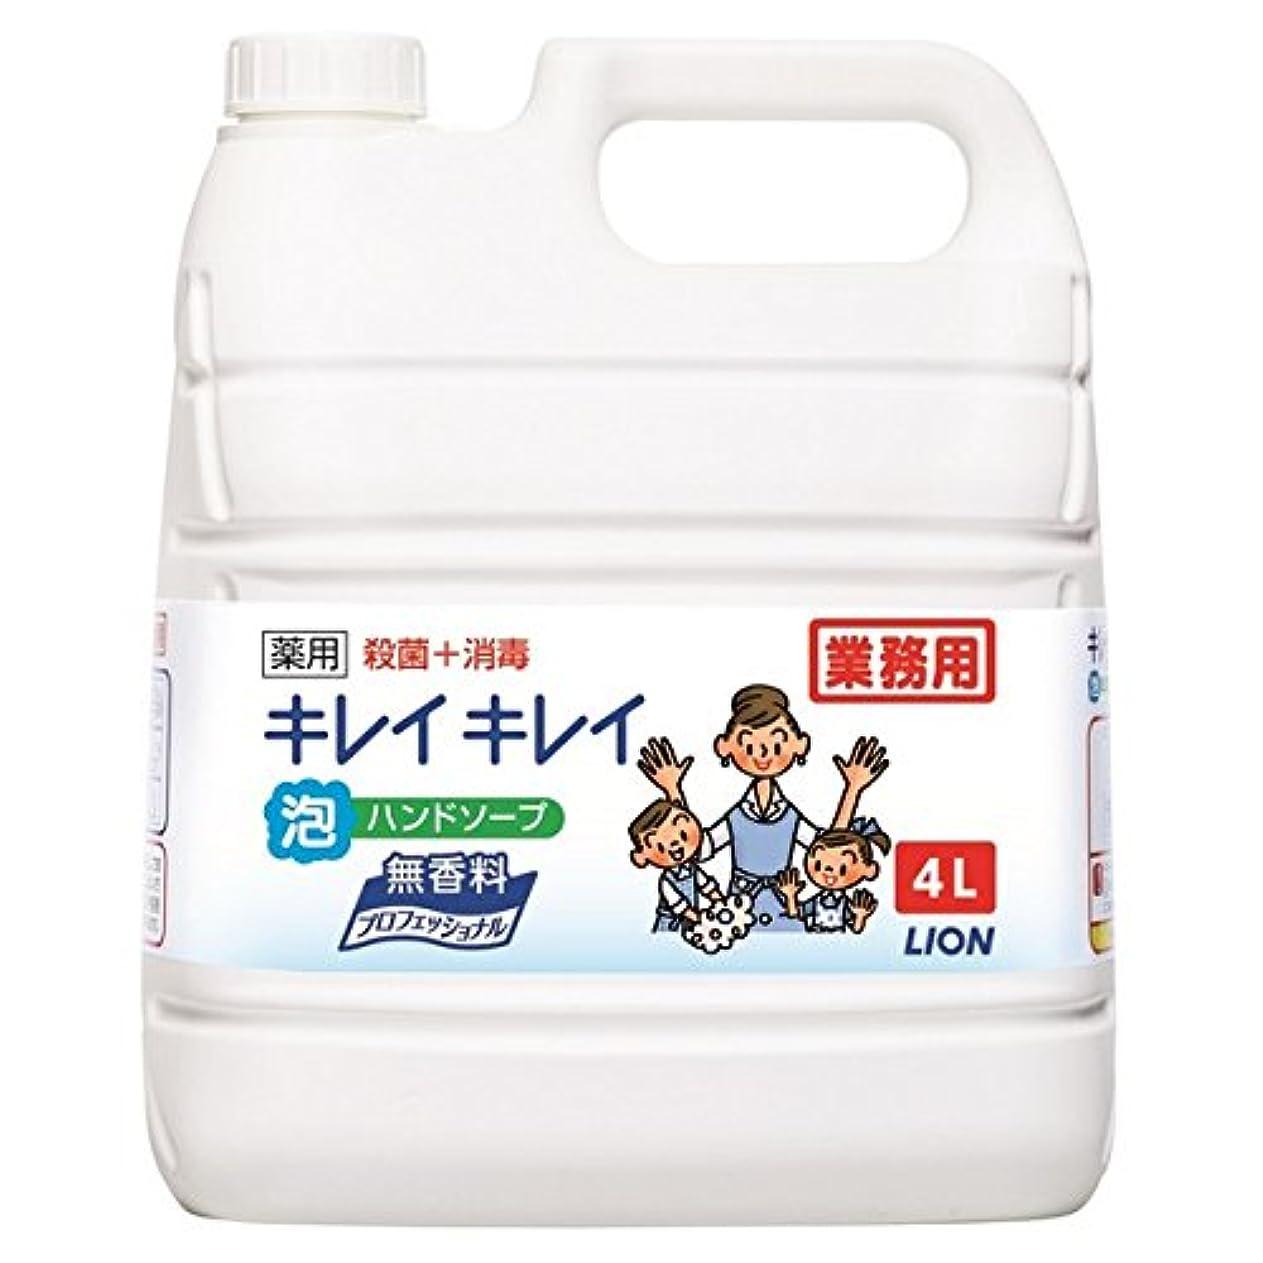 ベール行存在ライオン キレイキレイ薬用泡ハンドソープ 無香料 4L×3本入